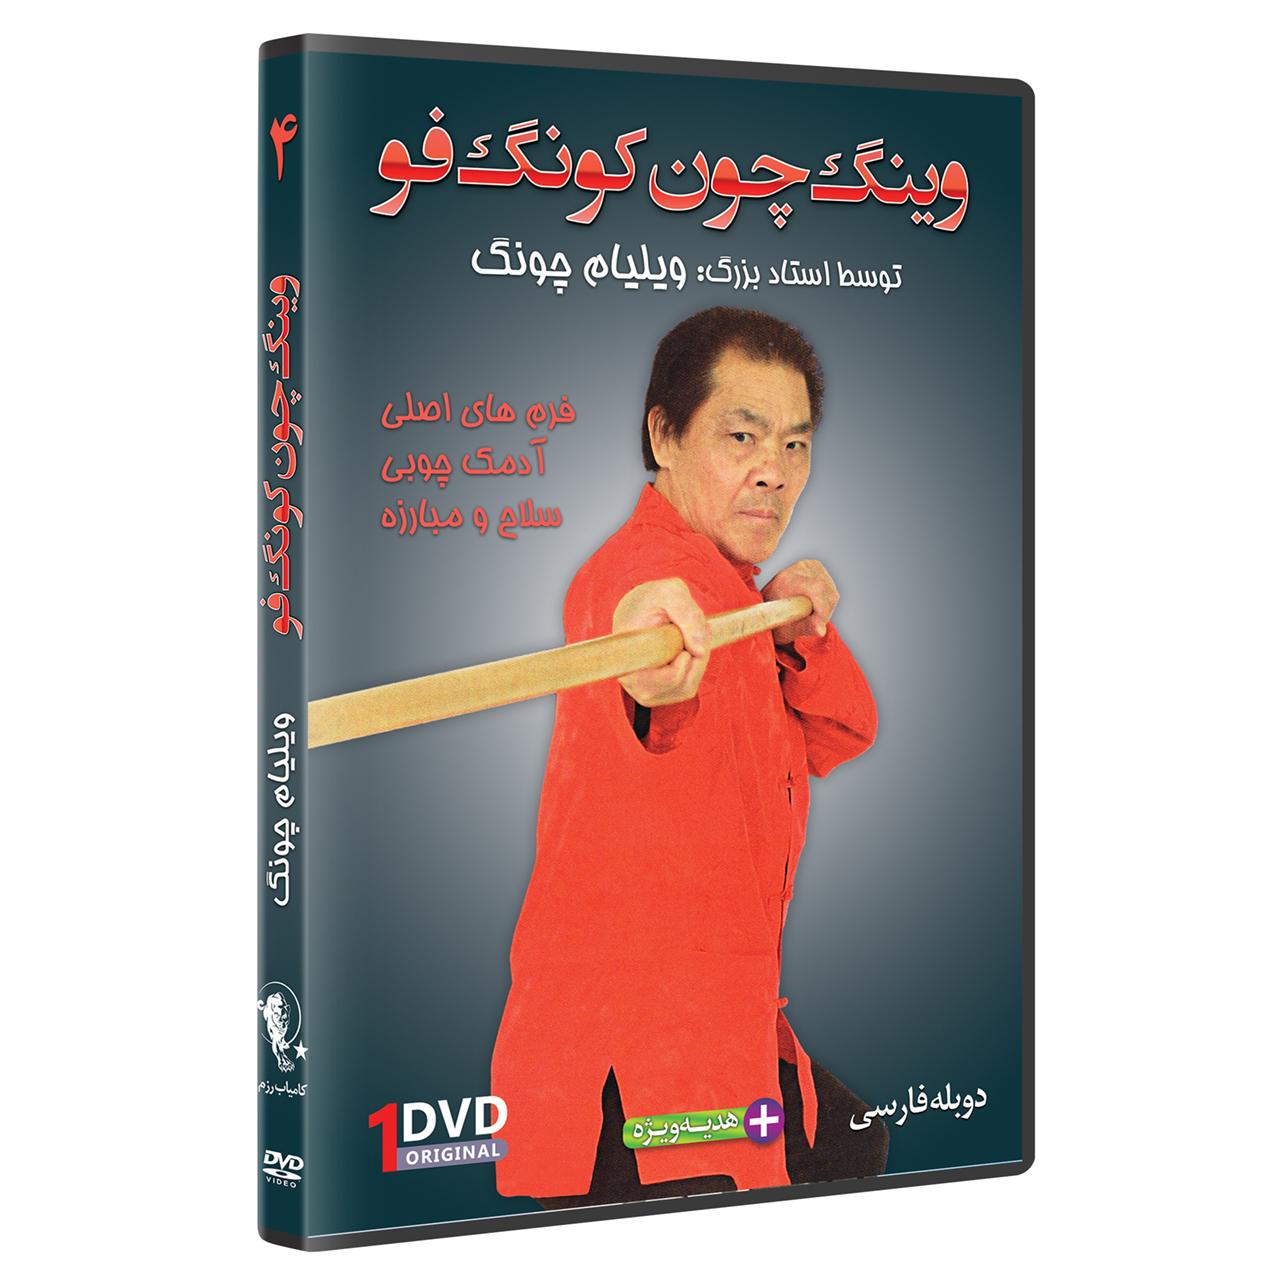 عکس فیلم آموزش وینگ چون کونگ فو فرم چوب اژدها قسمت 4 نشرکامیاب رزم